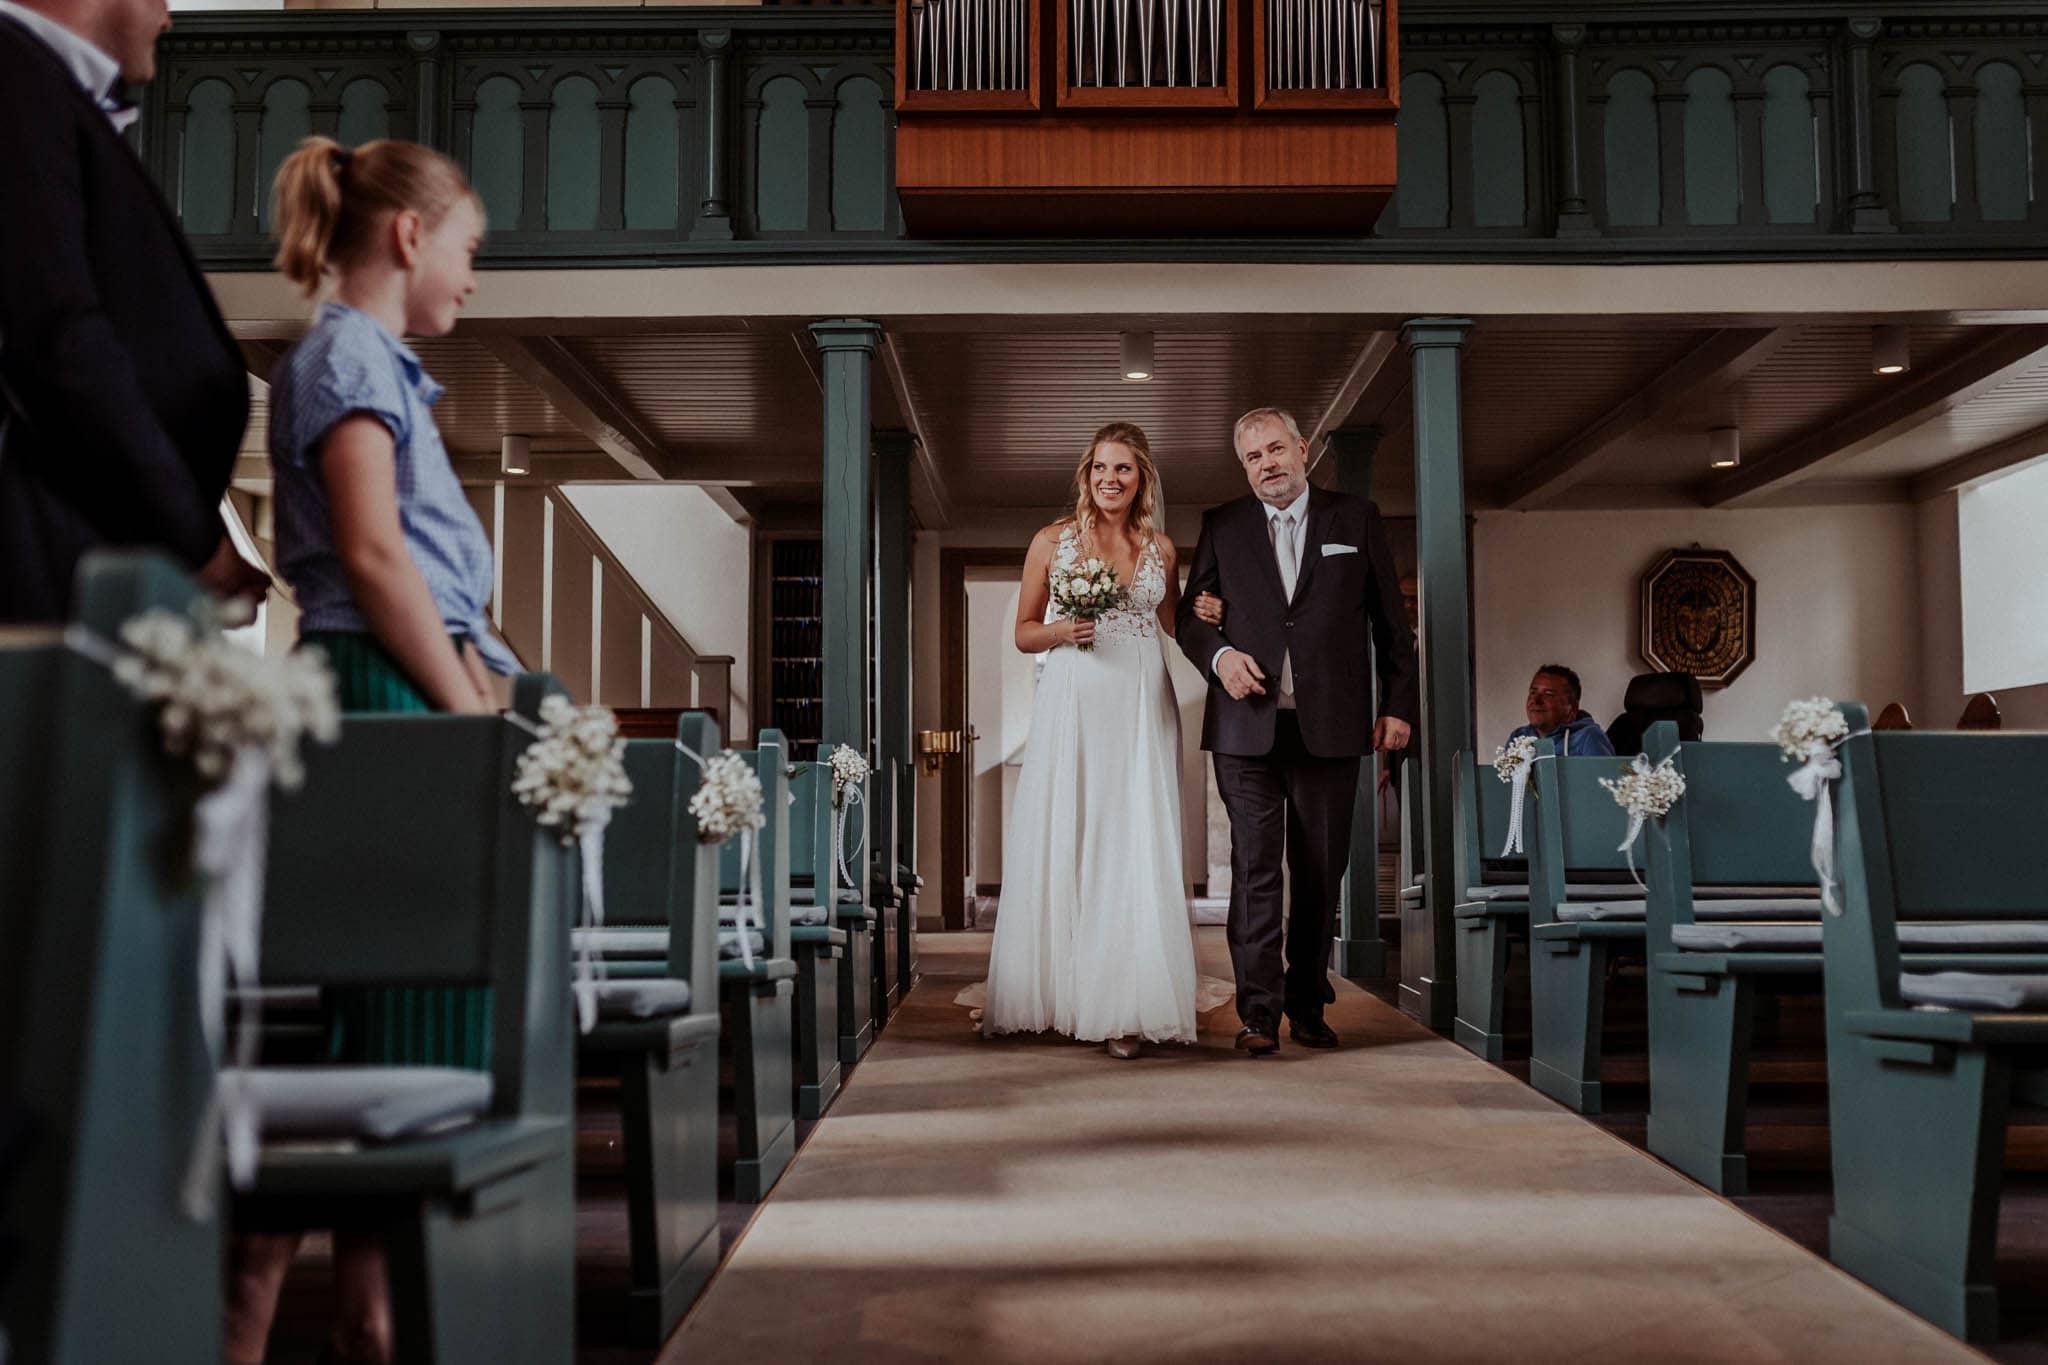 Hochzeitsfieber by Photo-Schomburg, Hochzeitsfotograf, Hamburg, Bremen, Hochzeitstag, Hochzeitspaar, Braut, Bräutigam, Bremen-Kränholm,Knoops Park-87